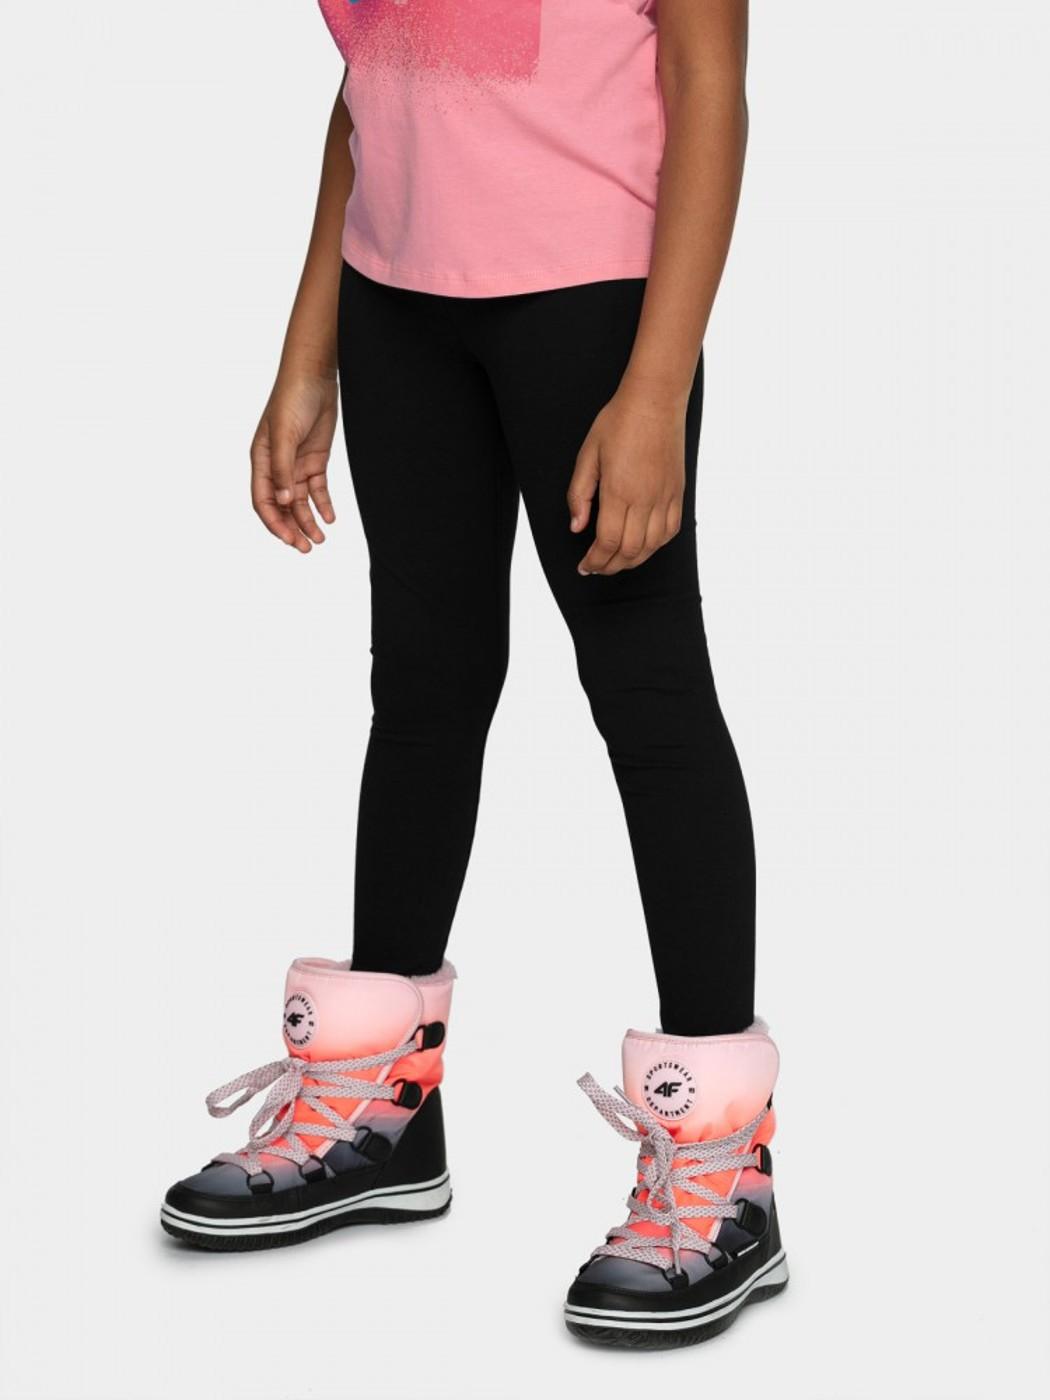 4F GIRL S LEGGINGS JLEG001 - Kinder